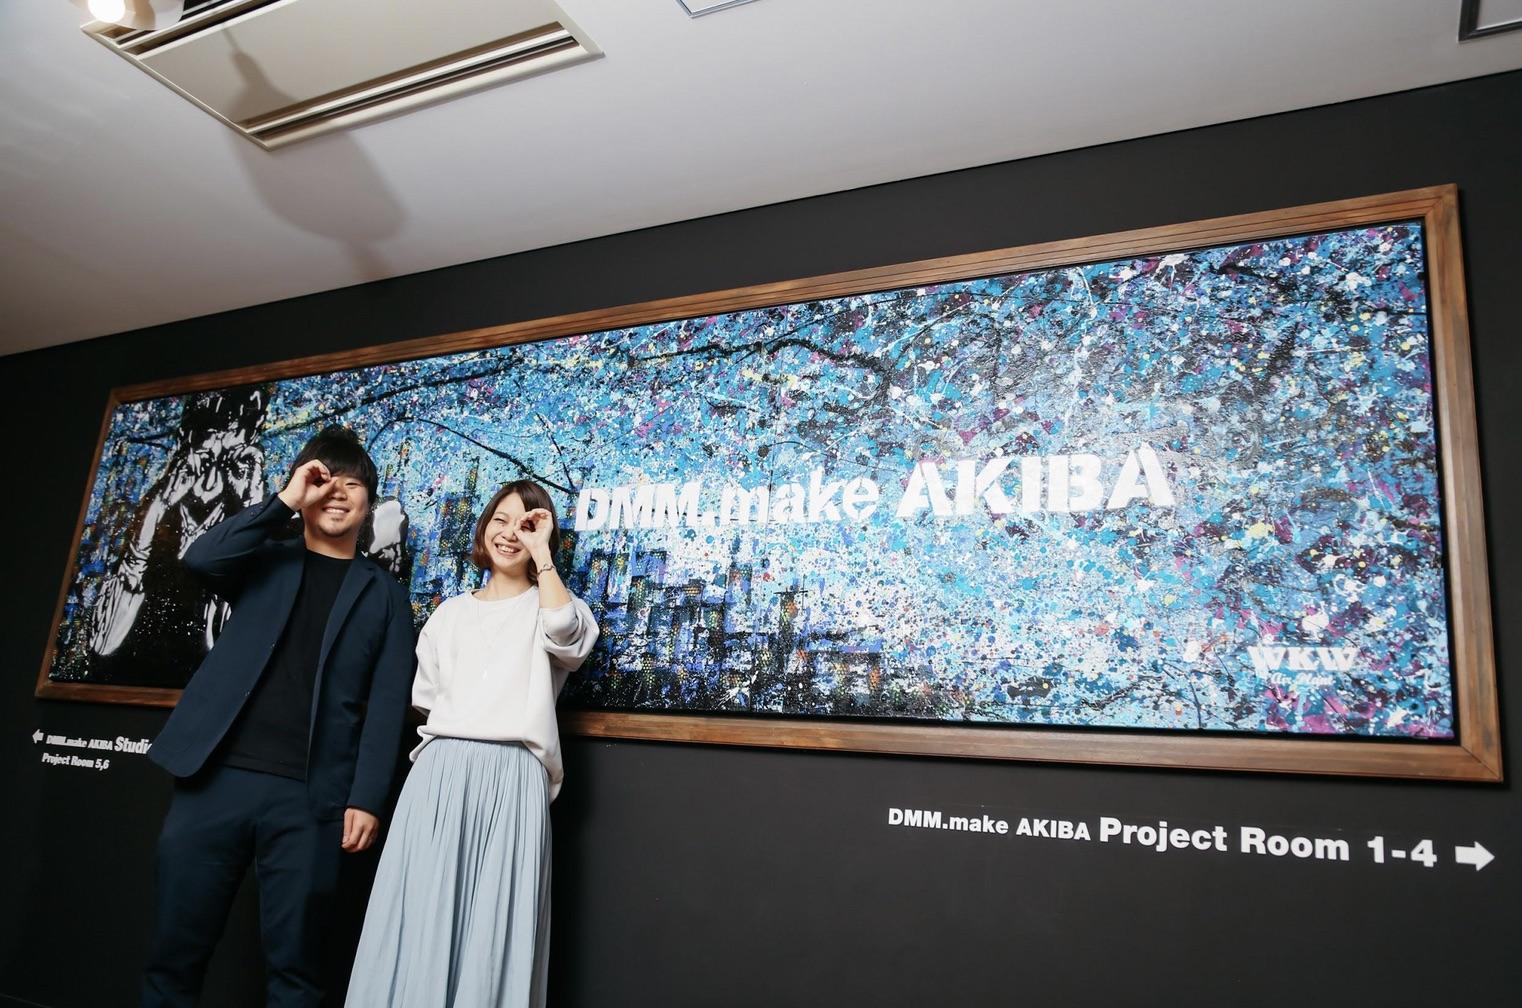 突撃!インキュベーション施設(第8回) | モノづくり聖地「DMM.make AKIBA」に潜入!